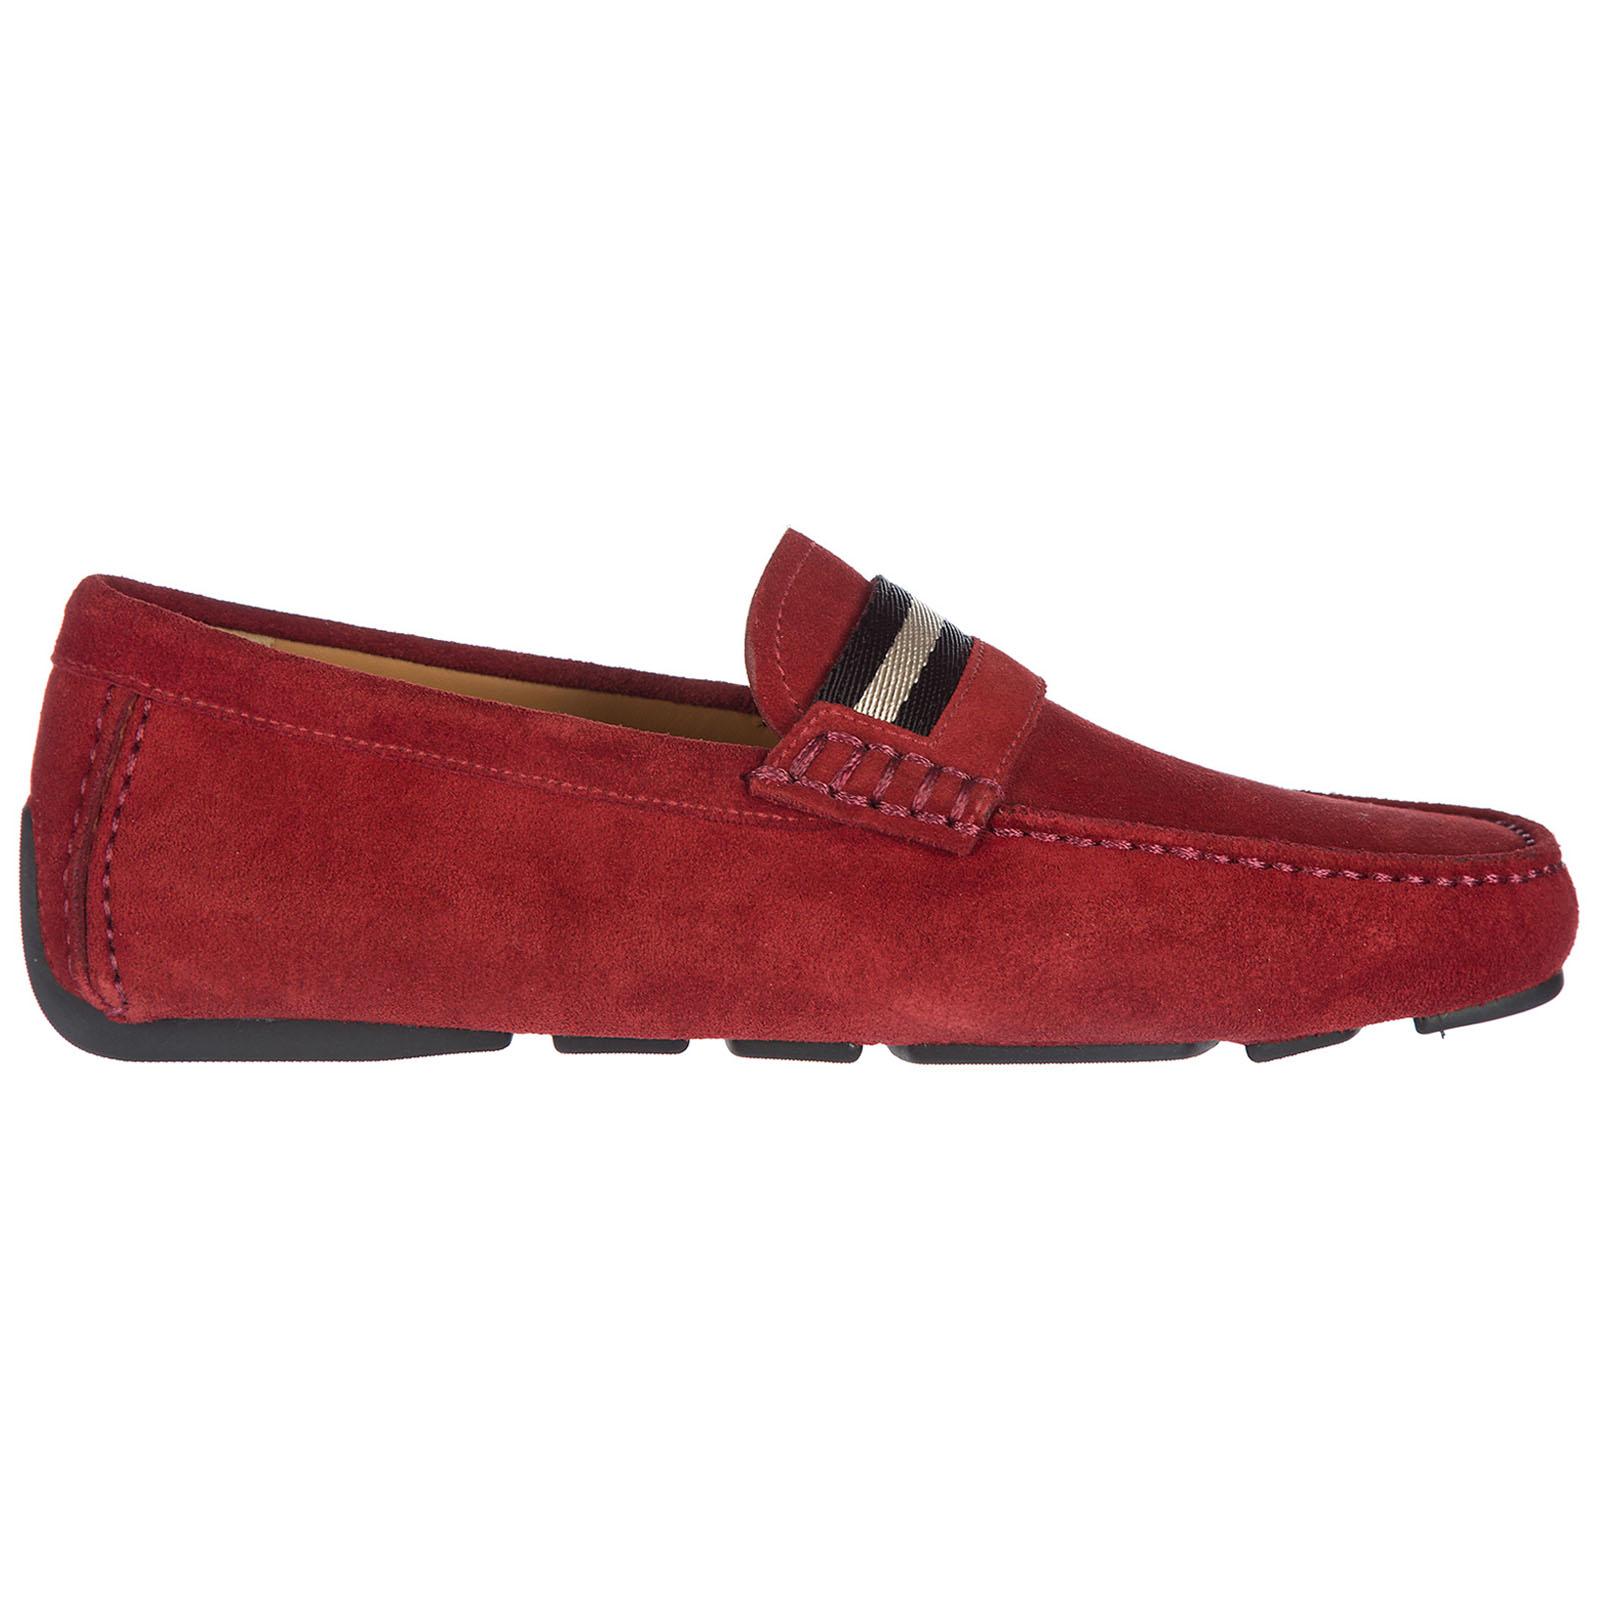 Men's suede loafers moccasins wabler